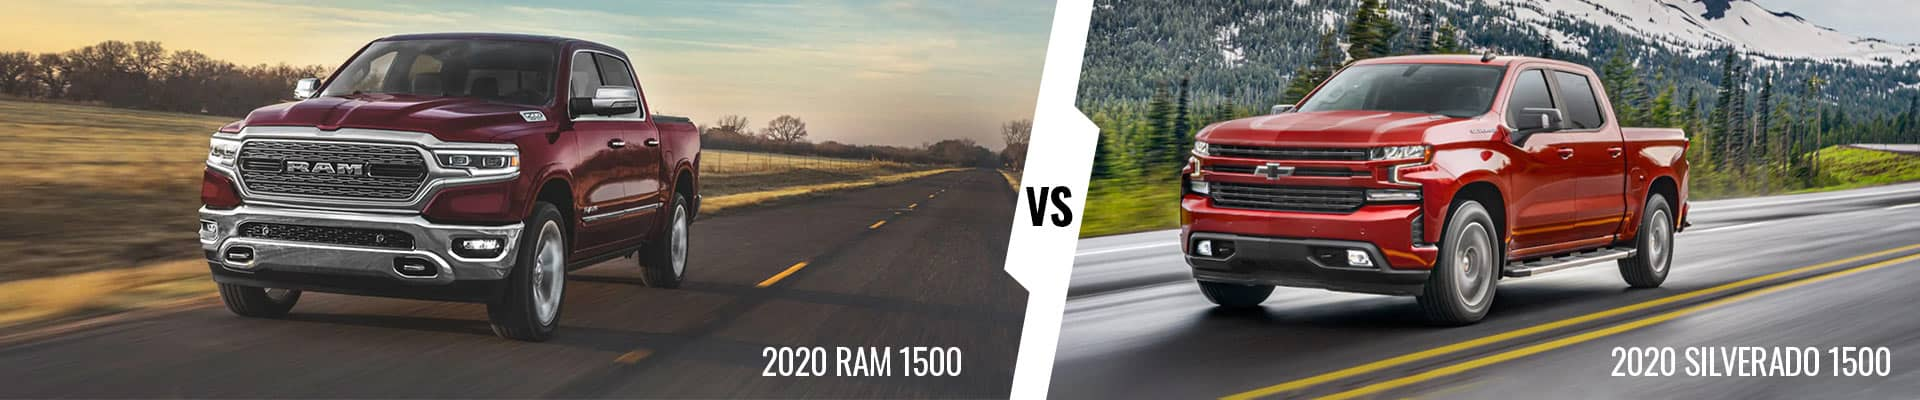 Compare The 2020 Ram 1500 & The 2020 Chevrolet Silverado 1500